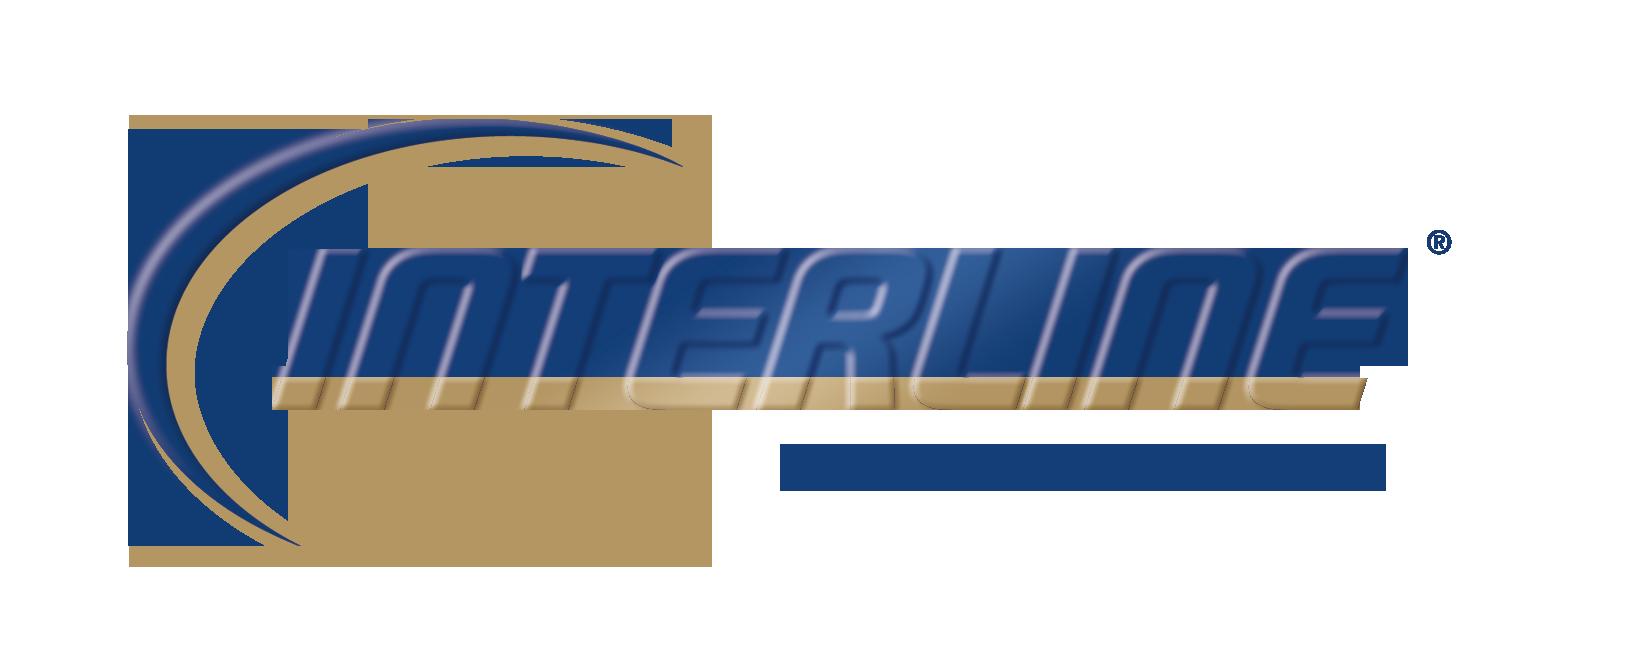 Interline Chauffeurservice Frankfurt